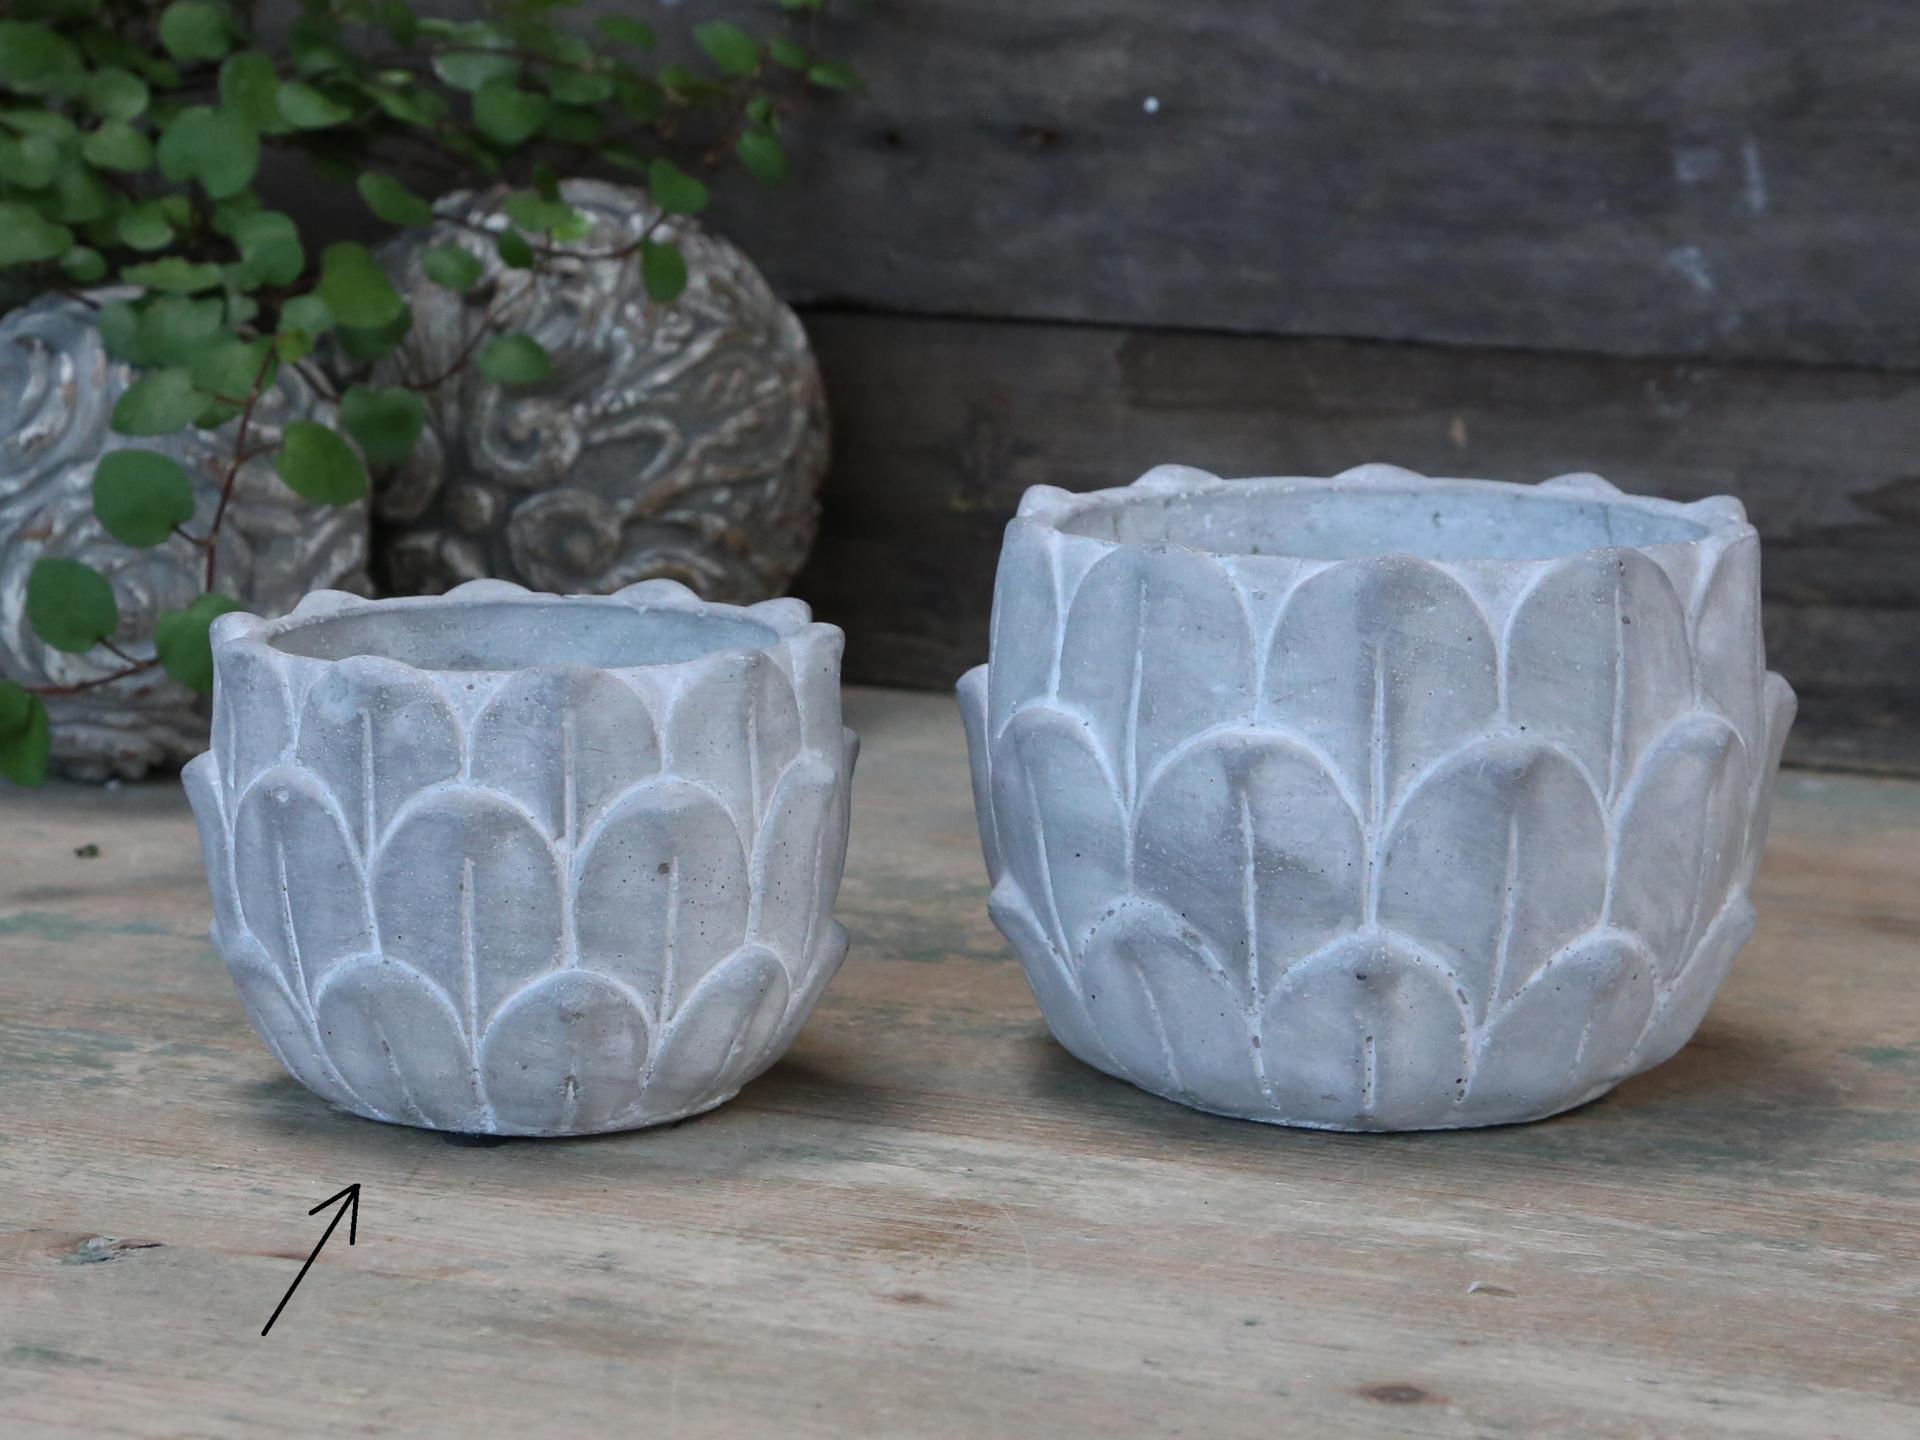 Chic Antique Obal na květiny Lotos Concrete - menší, šedá barva, beton